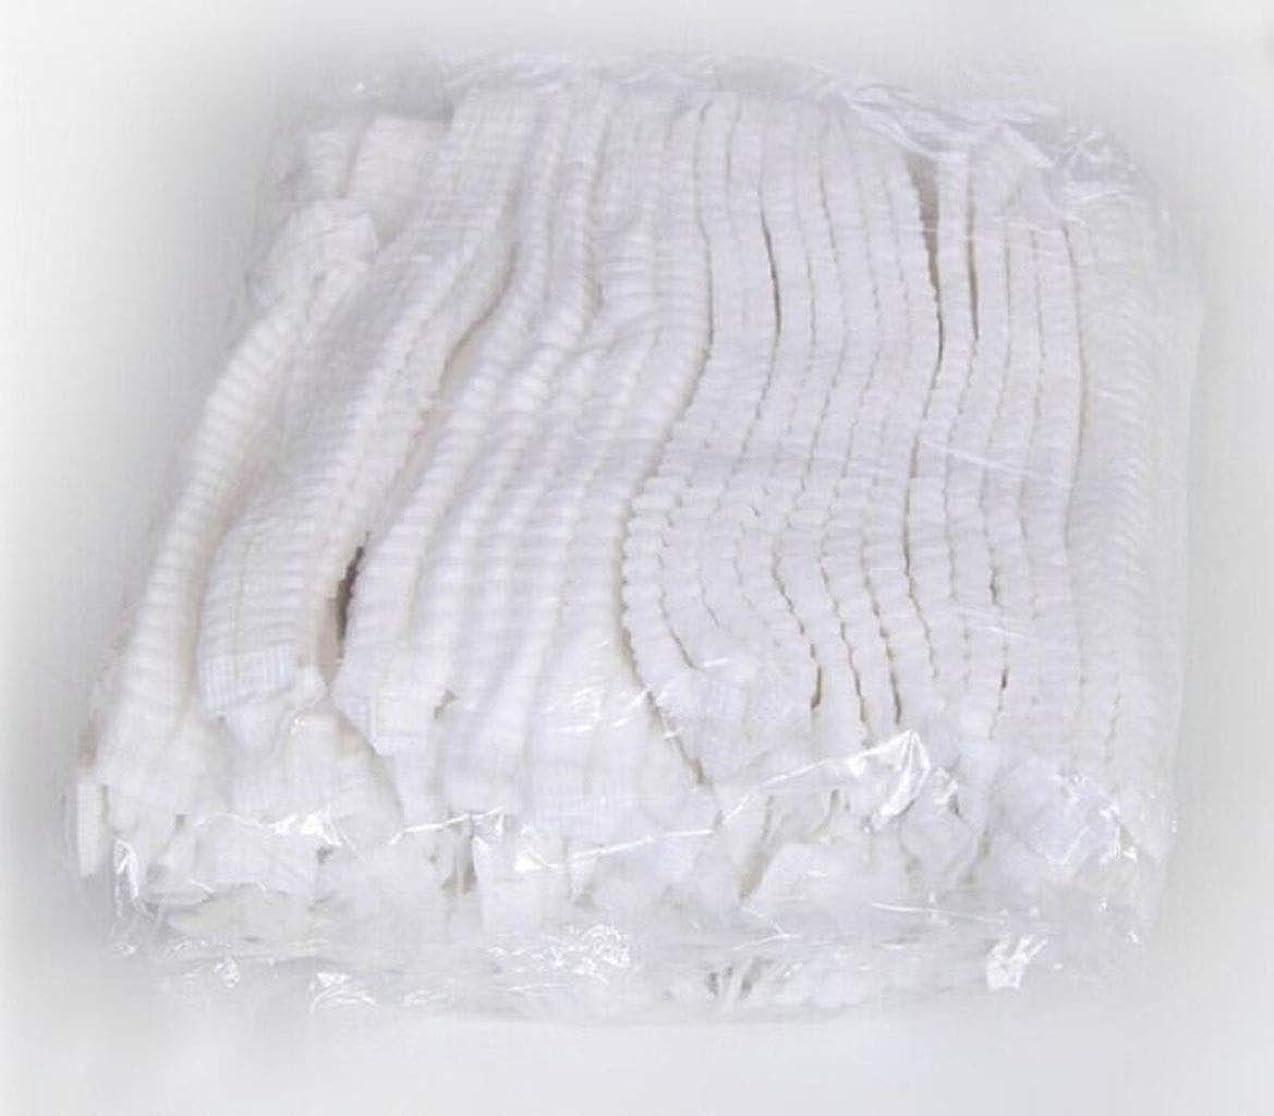 行列ギネスサーキュレーション食品産業病院に適した使い捨て不織布帽子防塵ラウンドハットストリップブルーメッシュハット(300) (Color : White)